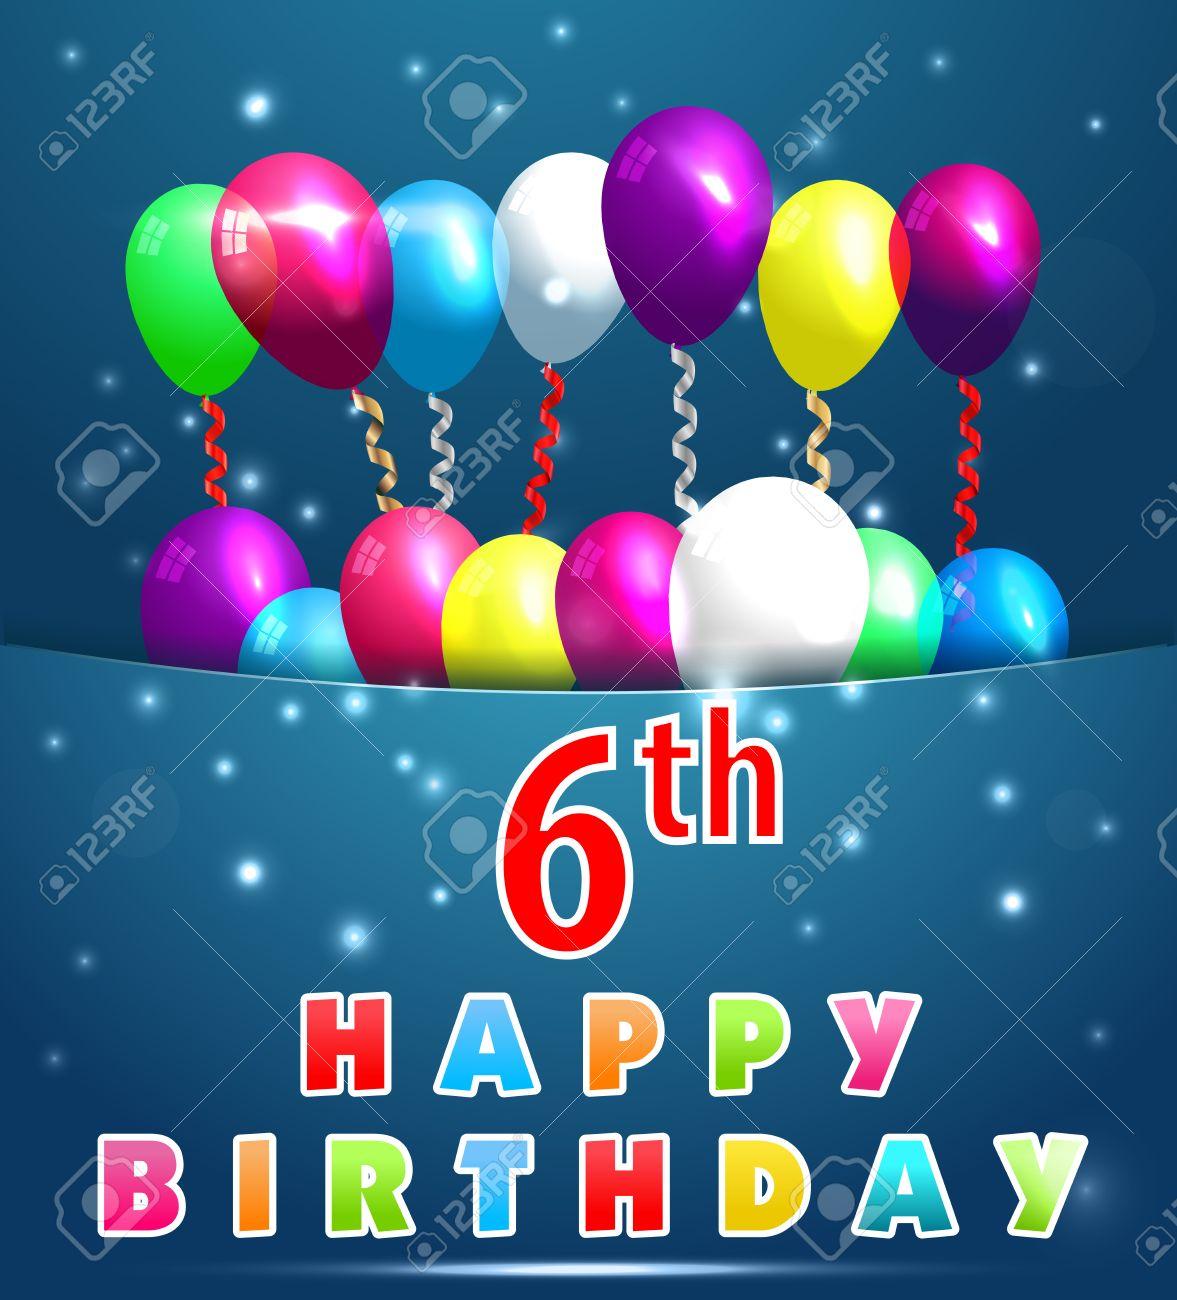 6 Jahre Alles Gute Zum Geburtstag Karte Mit Luftballons Und Bandern